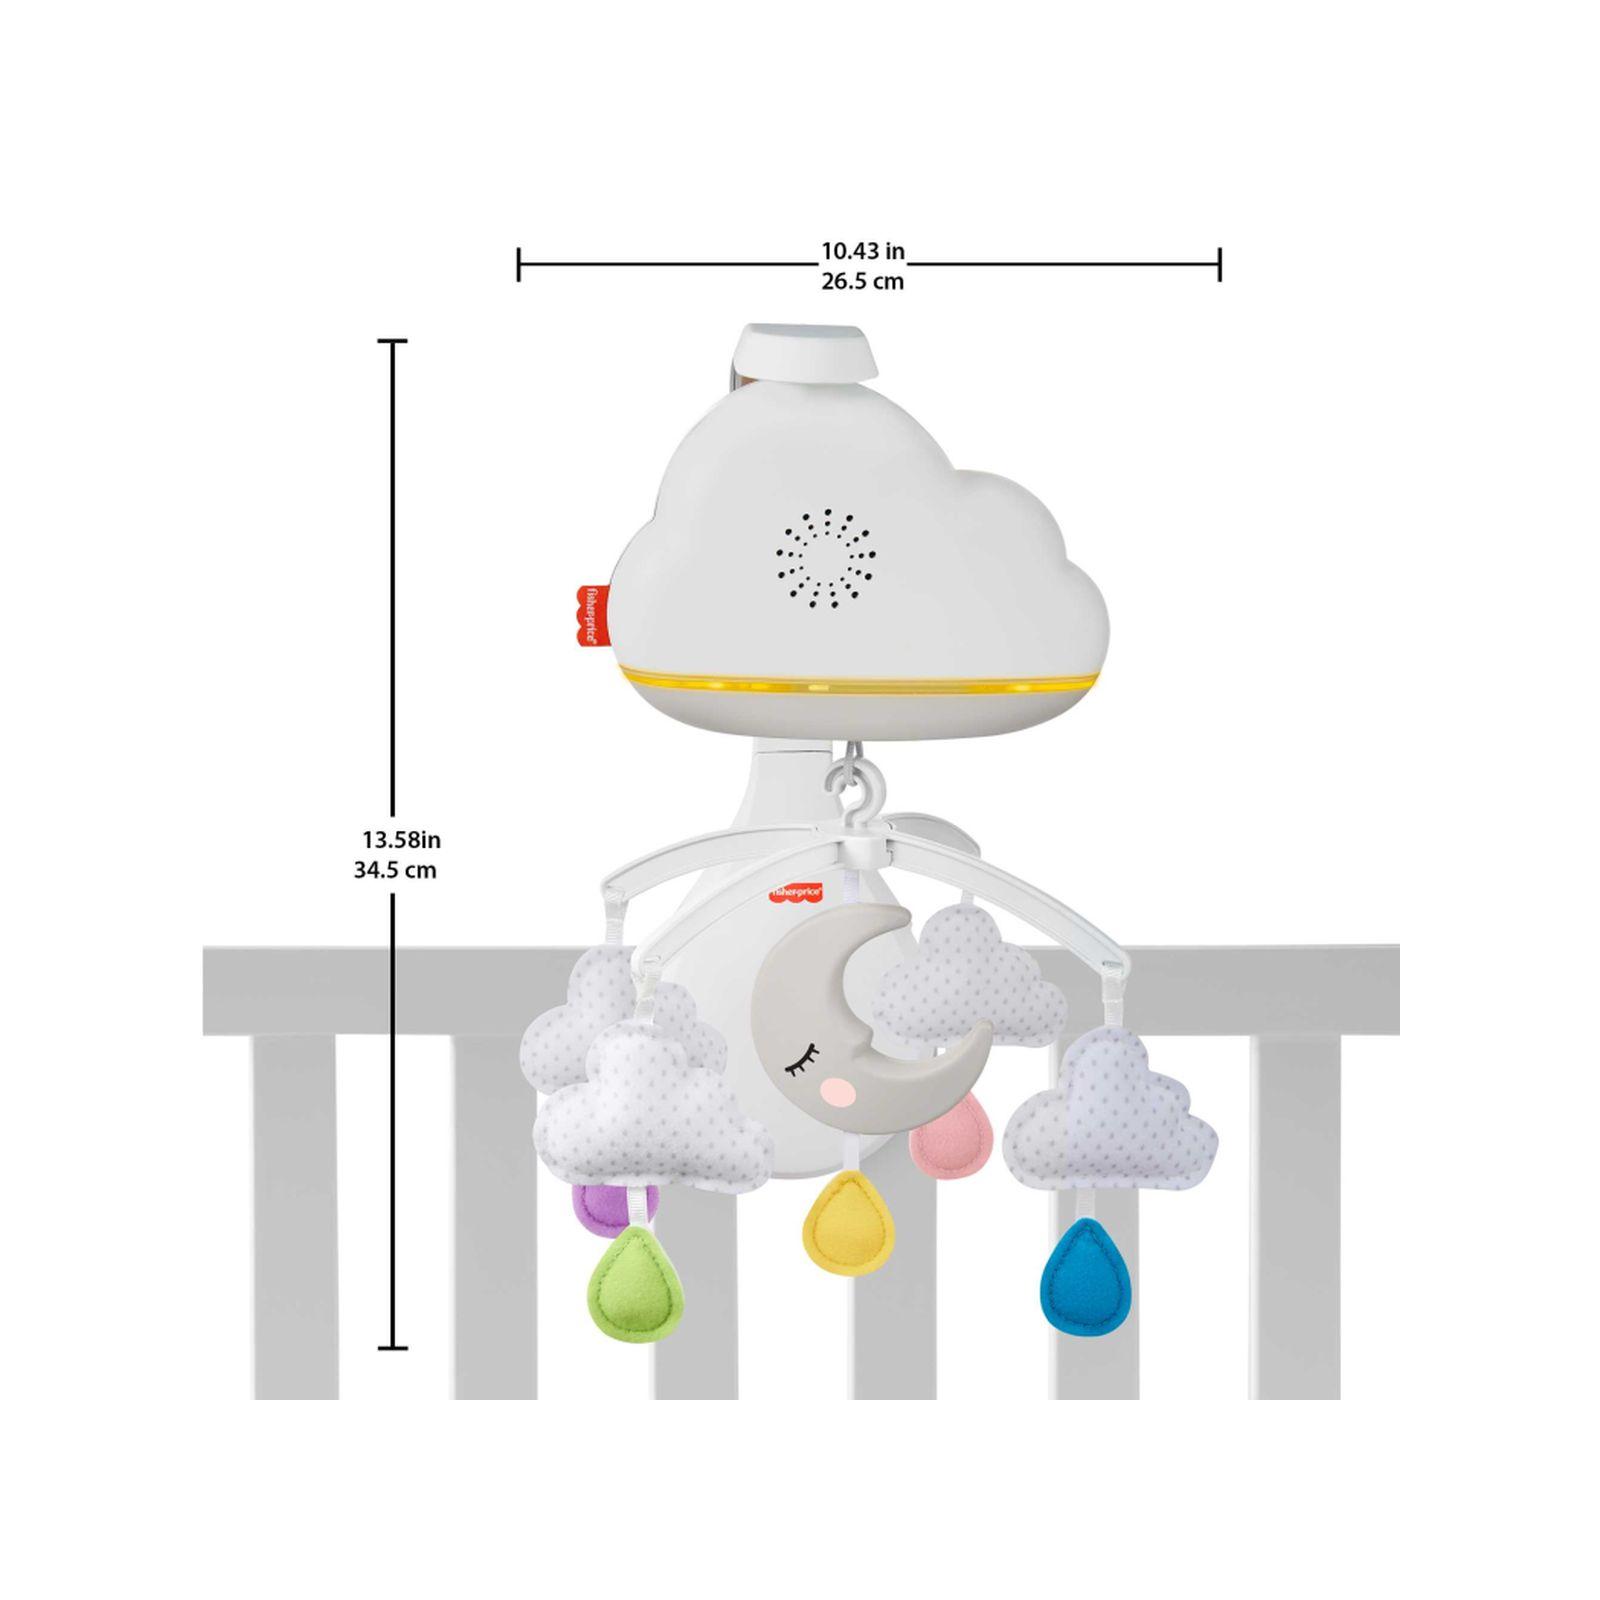 Fisher-price giostrina soffici nuvolette con unità relax, suoni e luci personalizzabili, 0+mesi - FISHER-PRICE